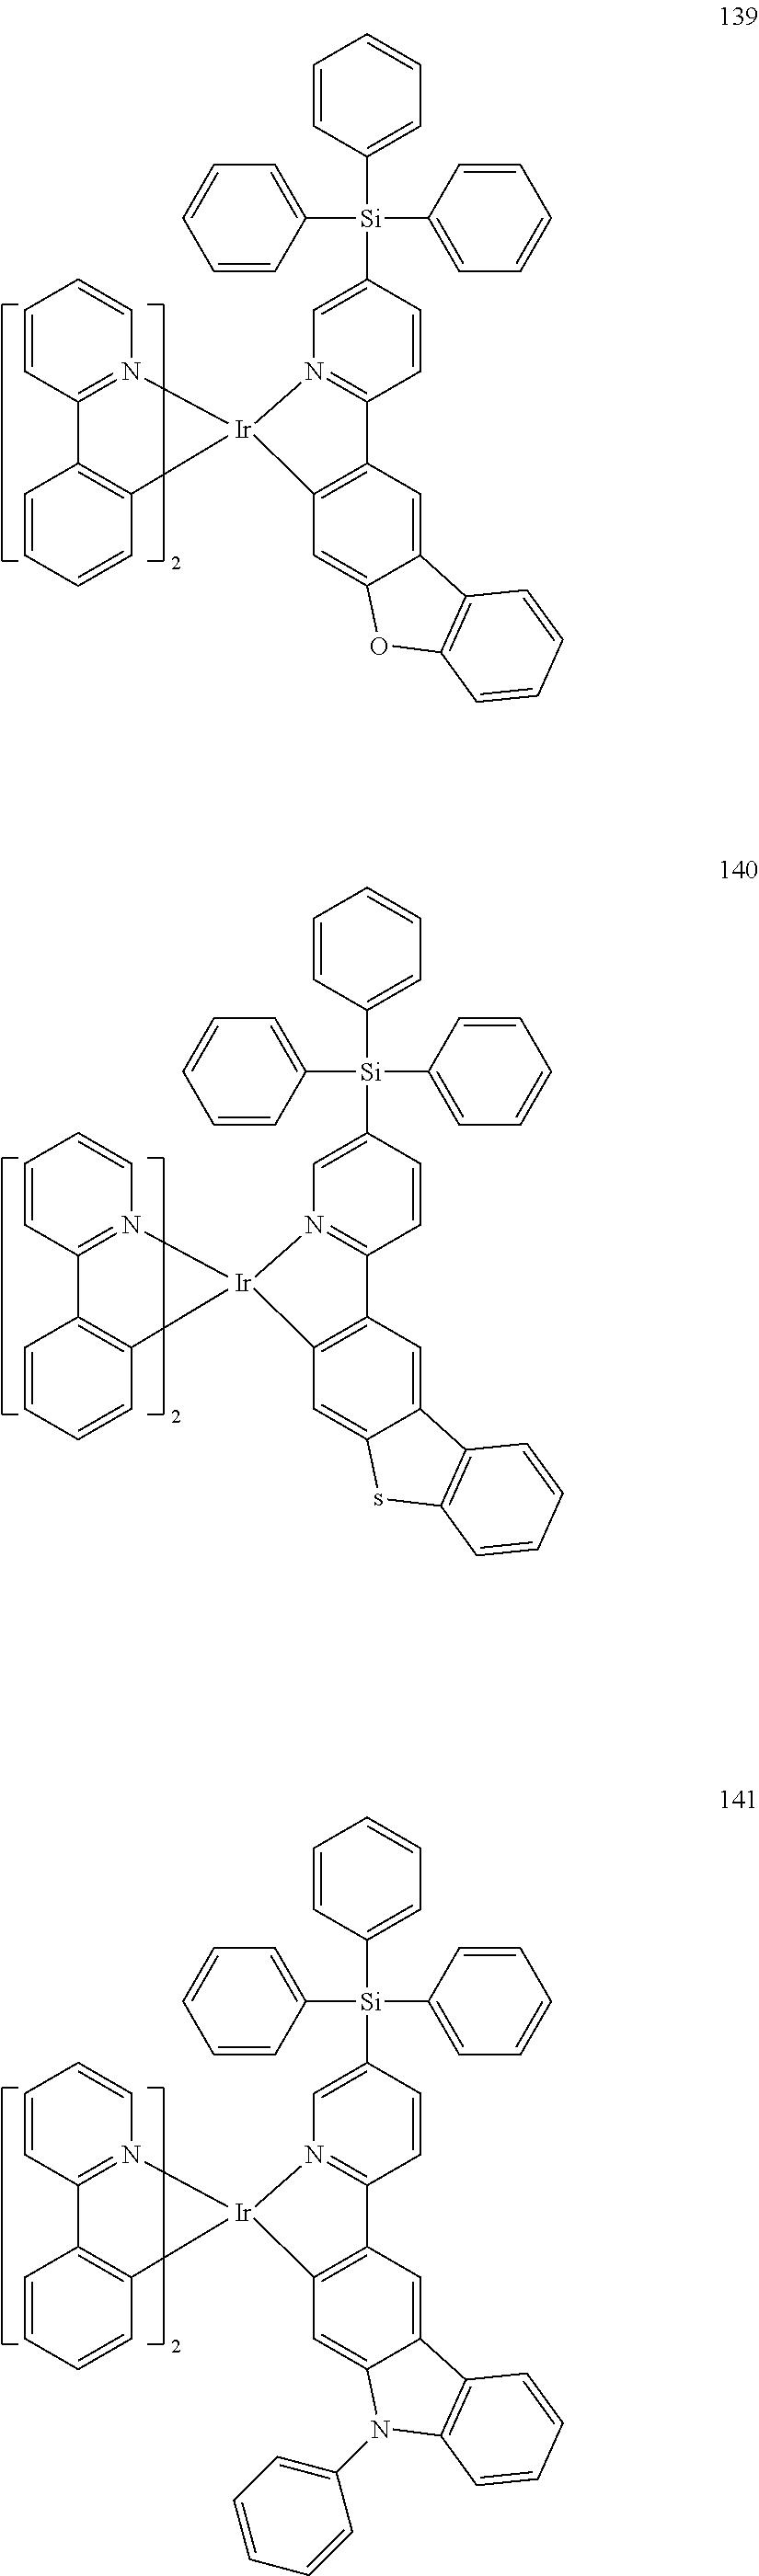 Figure US20160155962A1-20160602-C00102